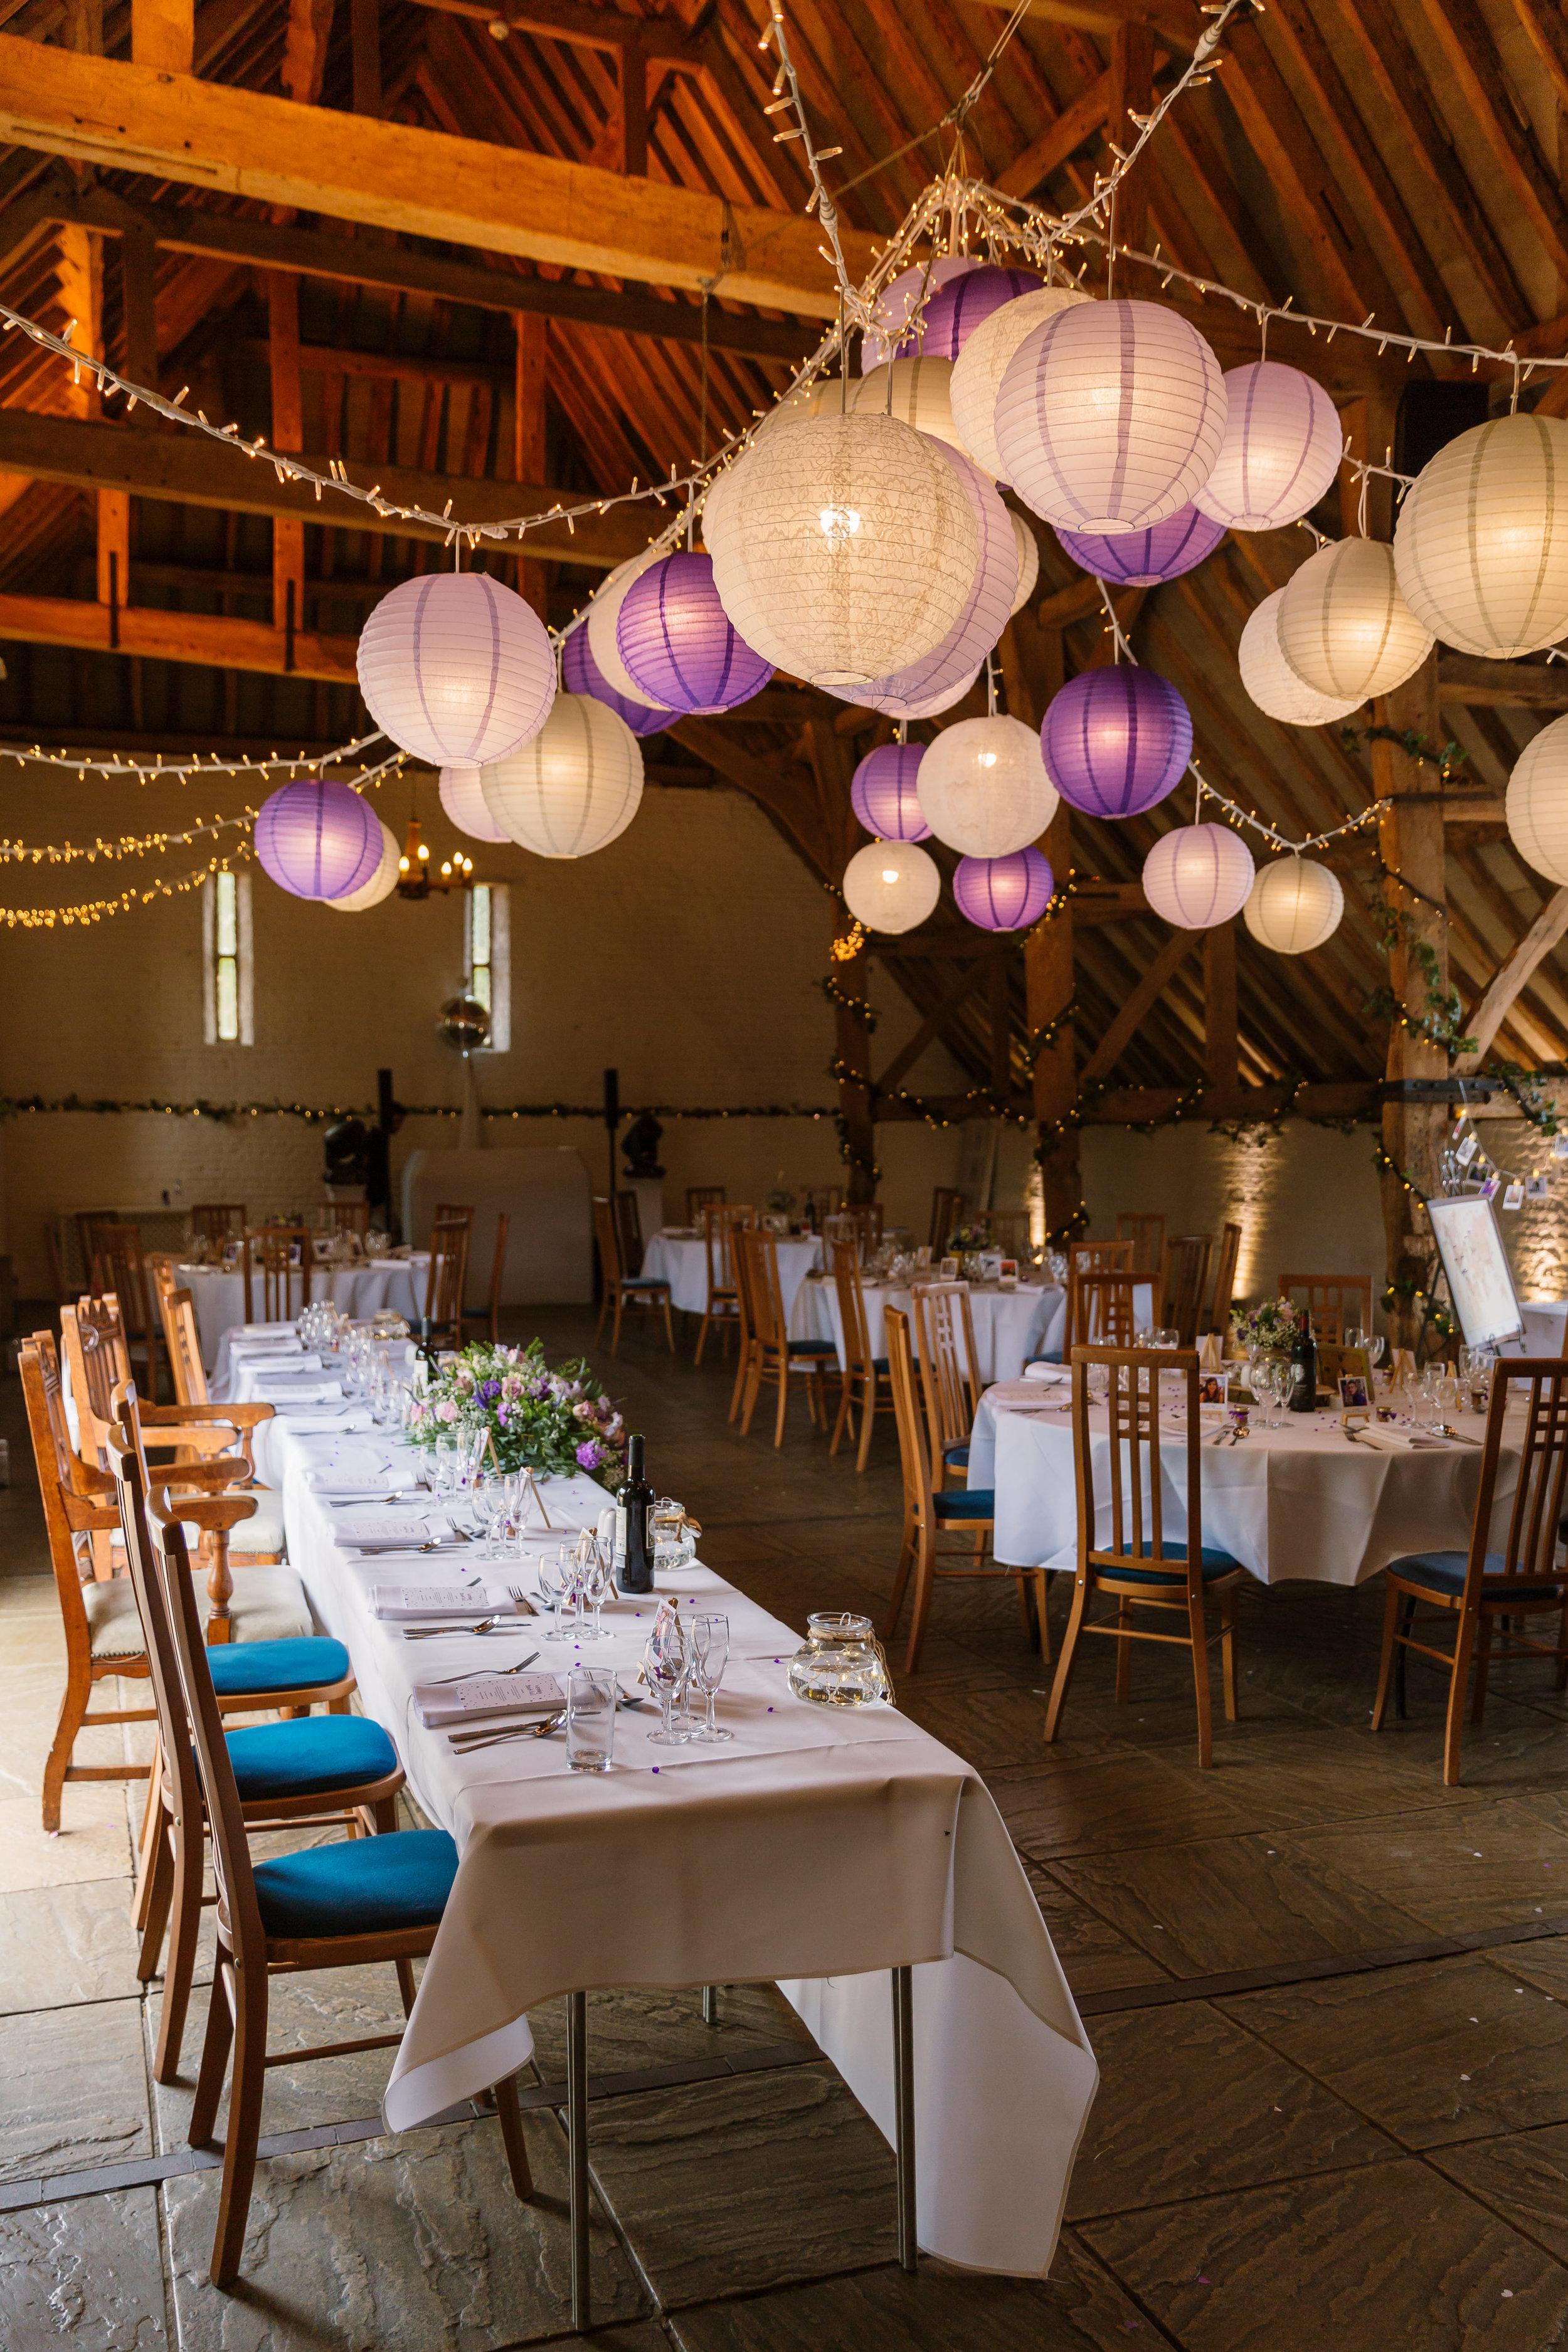 Hampshire Wedding Photographer Hampshire : Ufton-Court-Wedding : Barn-wedding-venue-hampshire : sarah-fishlock-photography : hampshire-barn-wedding-721.jpg